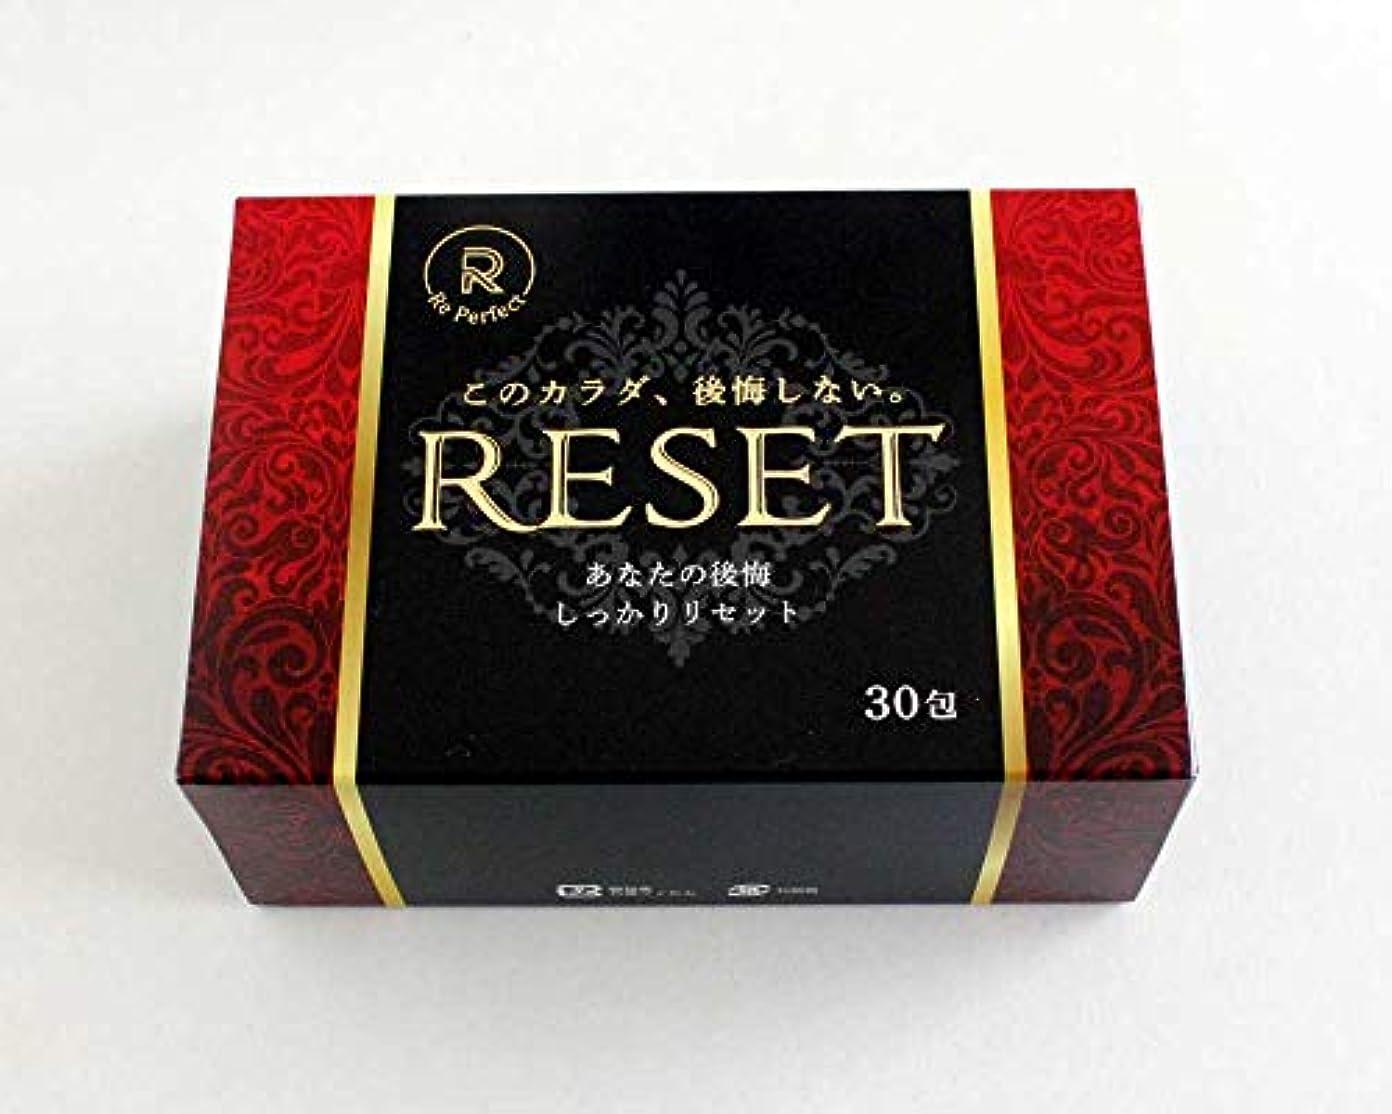 振りかけるのスコア一掃するRESET(リセット)食べ過ぎた食事&アルコールの代謝?分解をサポートサプリ